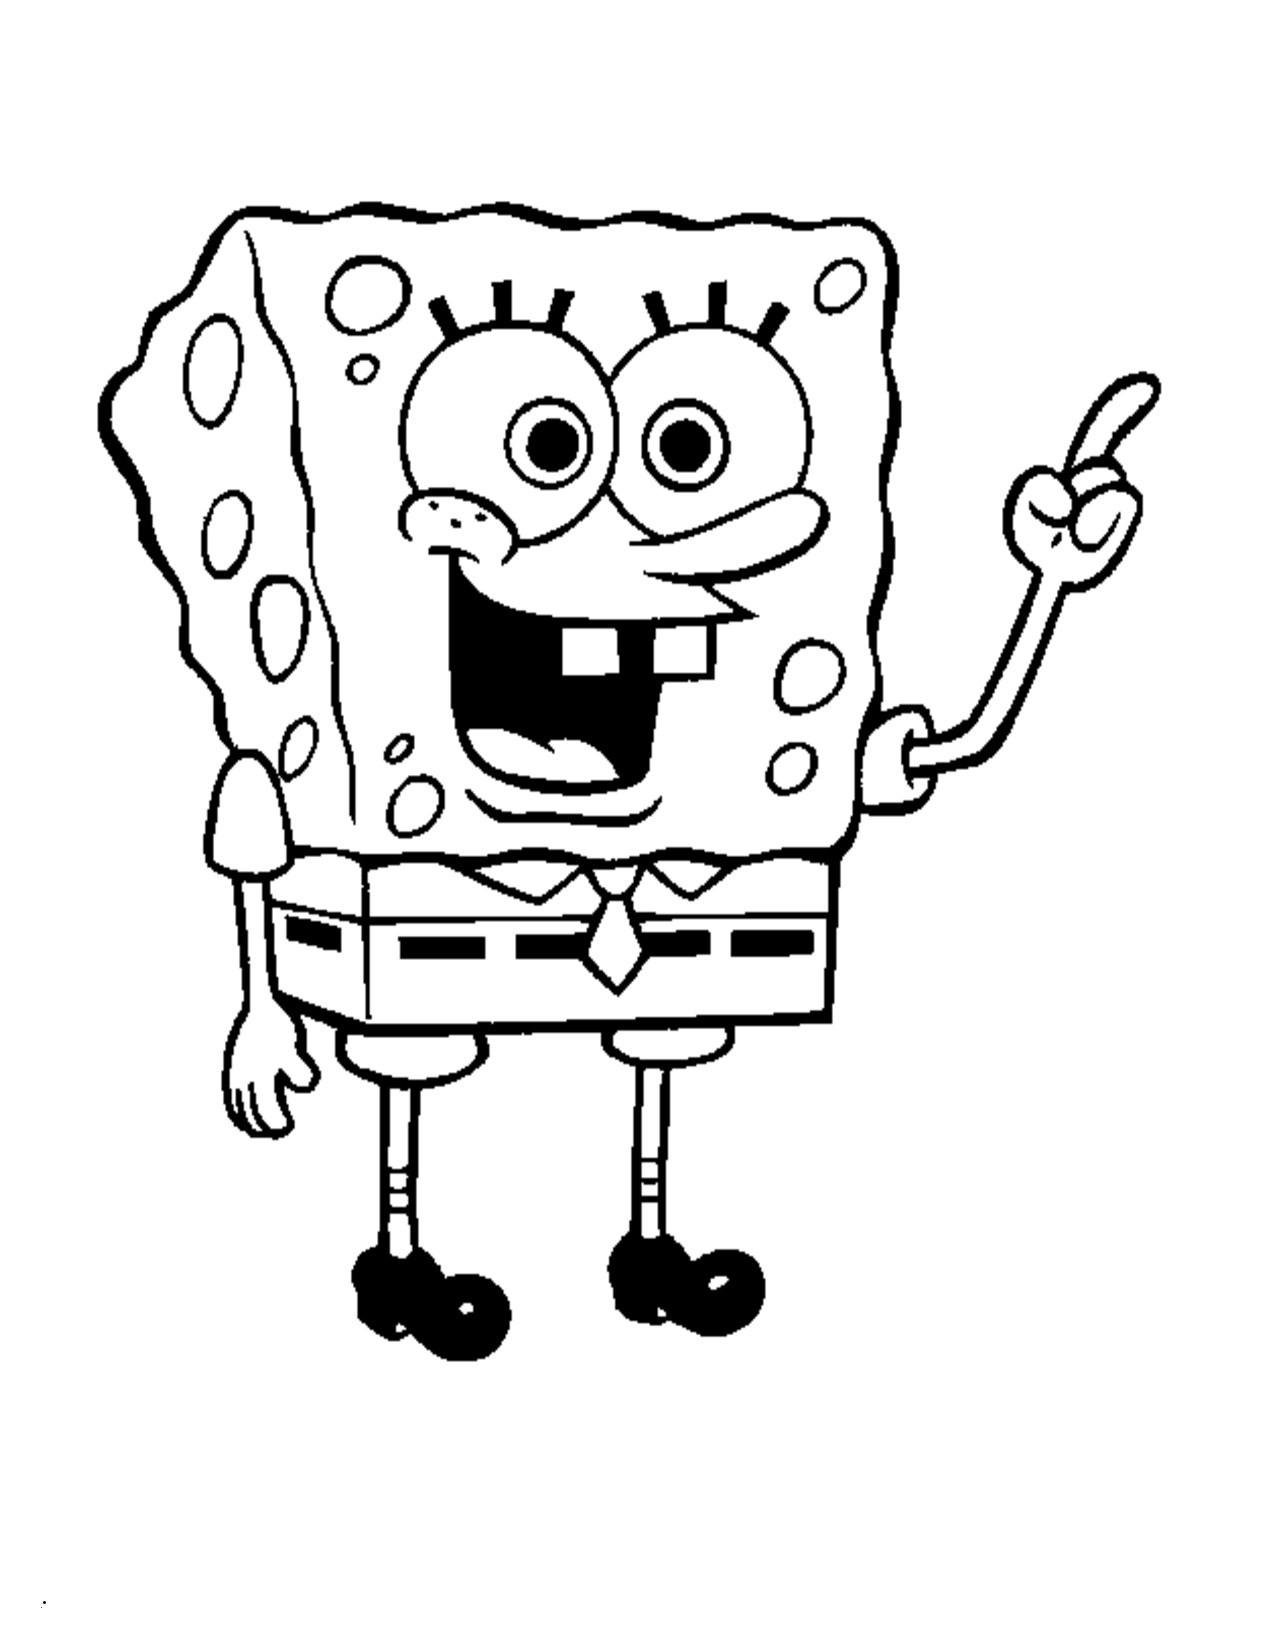 Spongebob Bilder Zum Ausmalen Genial 48 formular Spongebob Und Patrick Ausmalbilder Treehouse Nyc Bilder